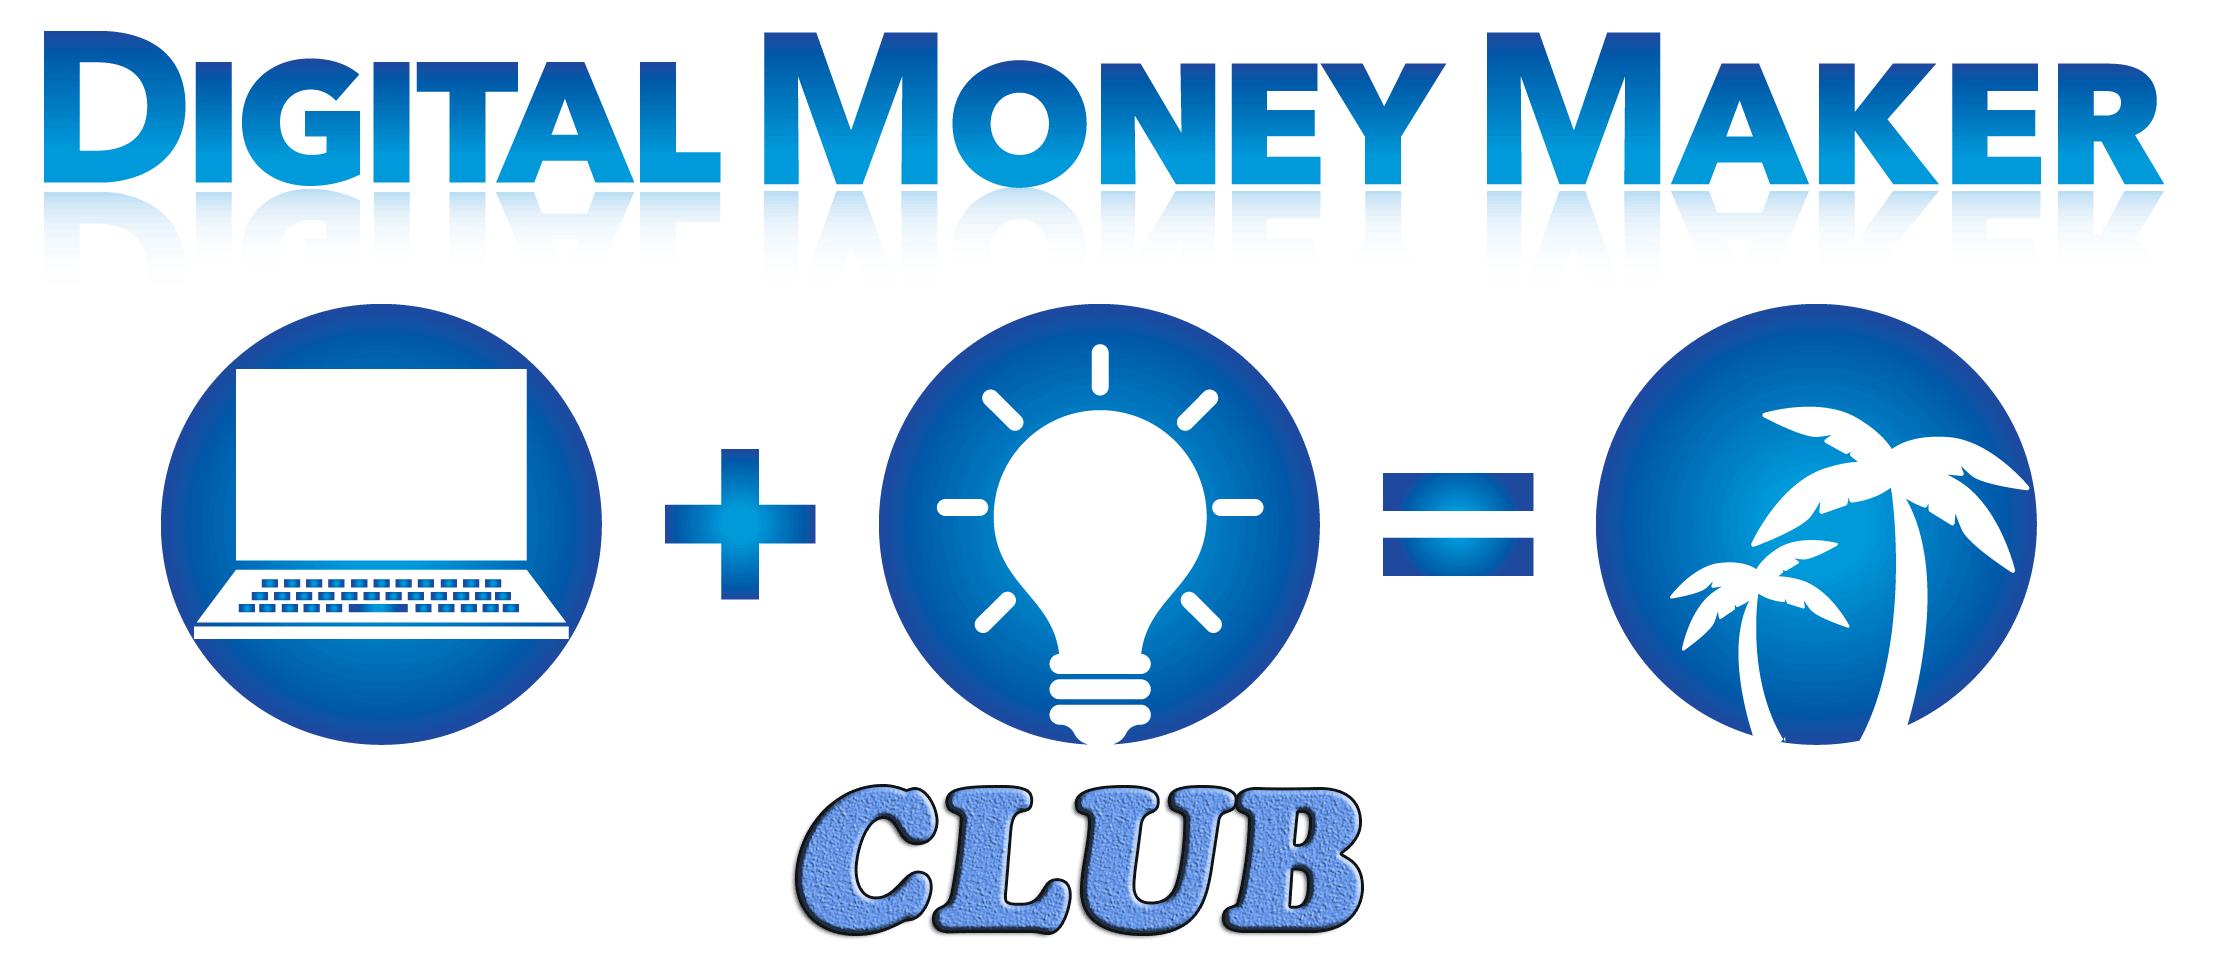 DMM-logo-club